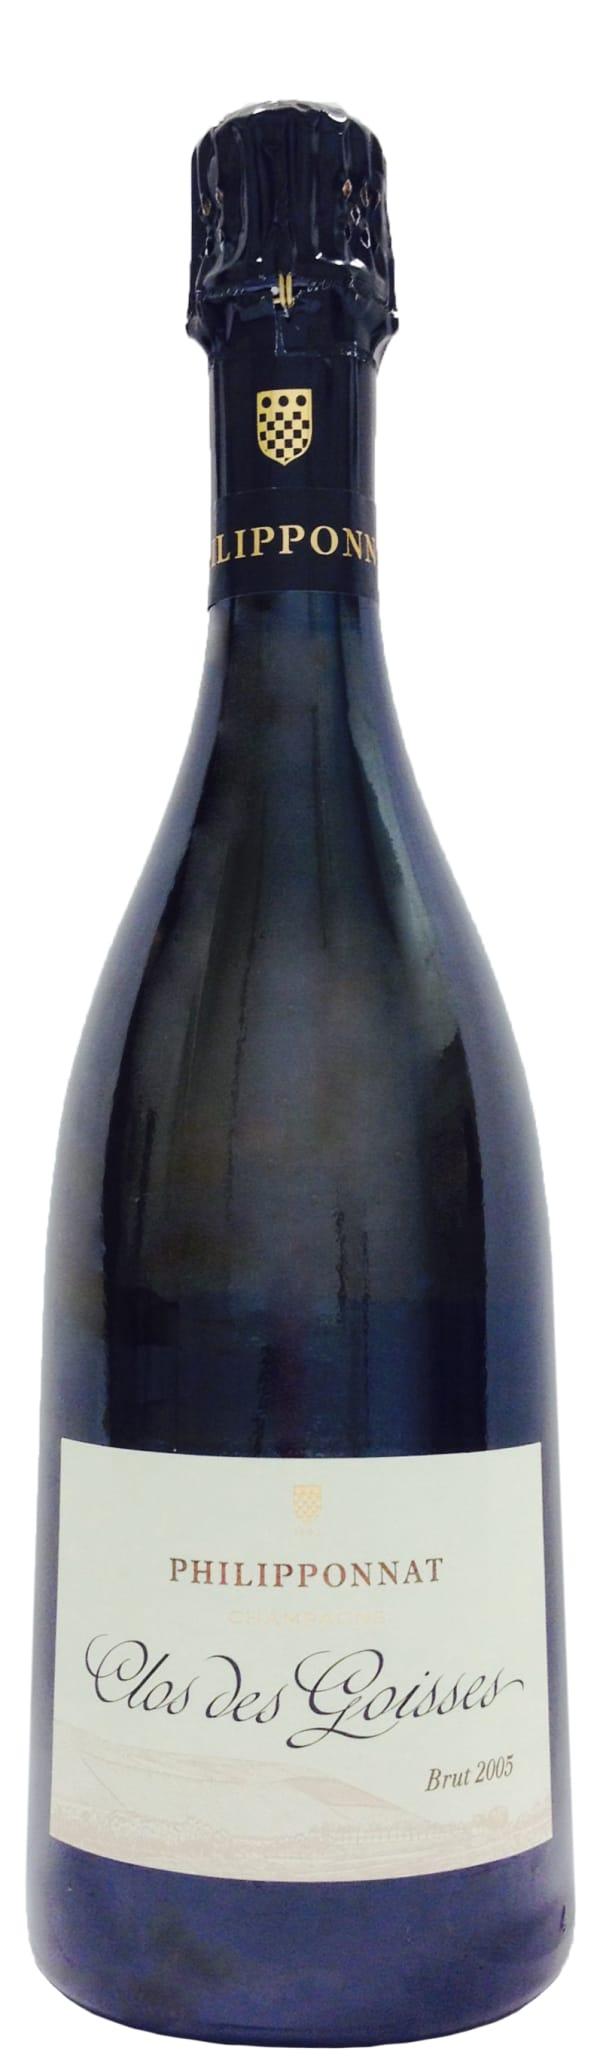 Philipponnat Clos des Goisses Champagne Brut 2005